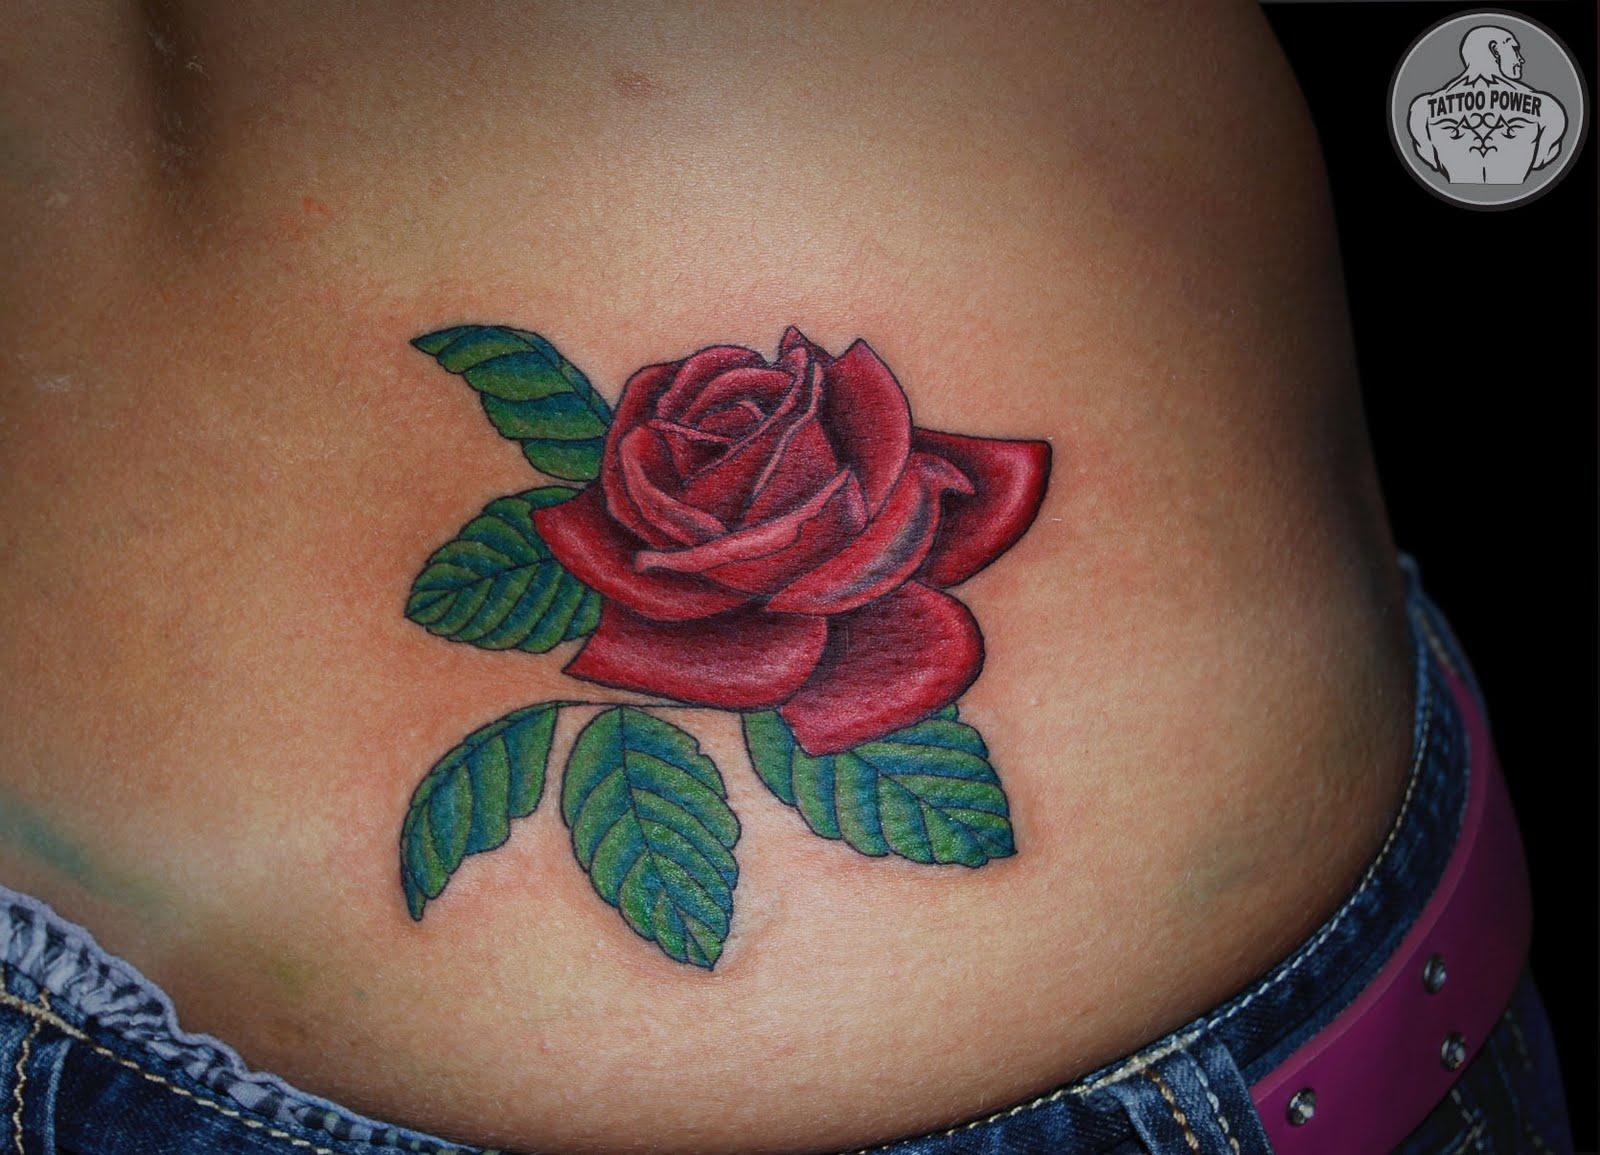 rosa tattoo power lojas de tatuagens porto matosinhos portugal